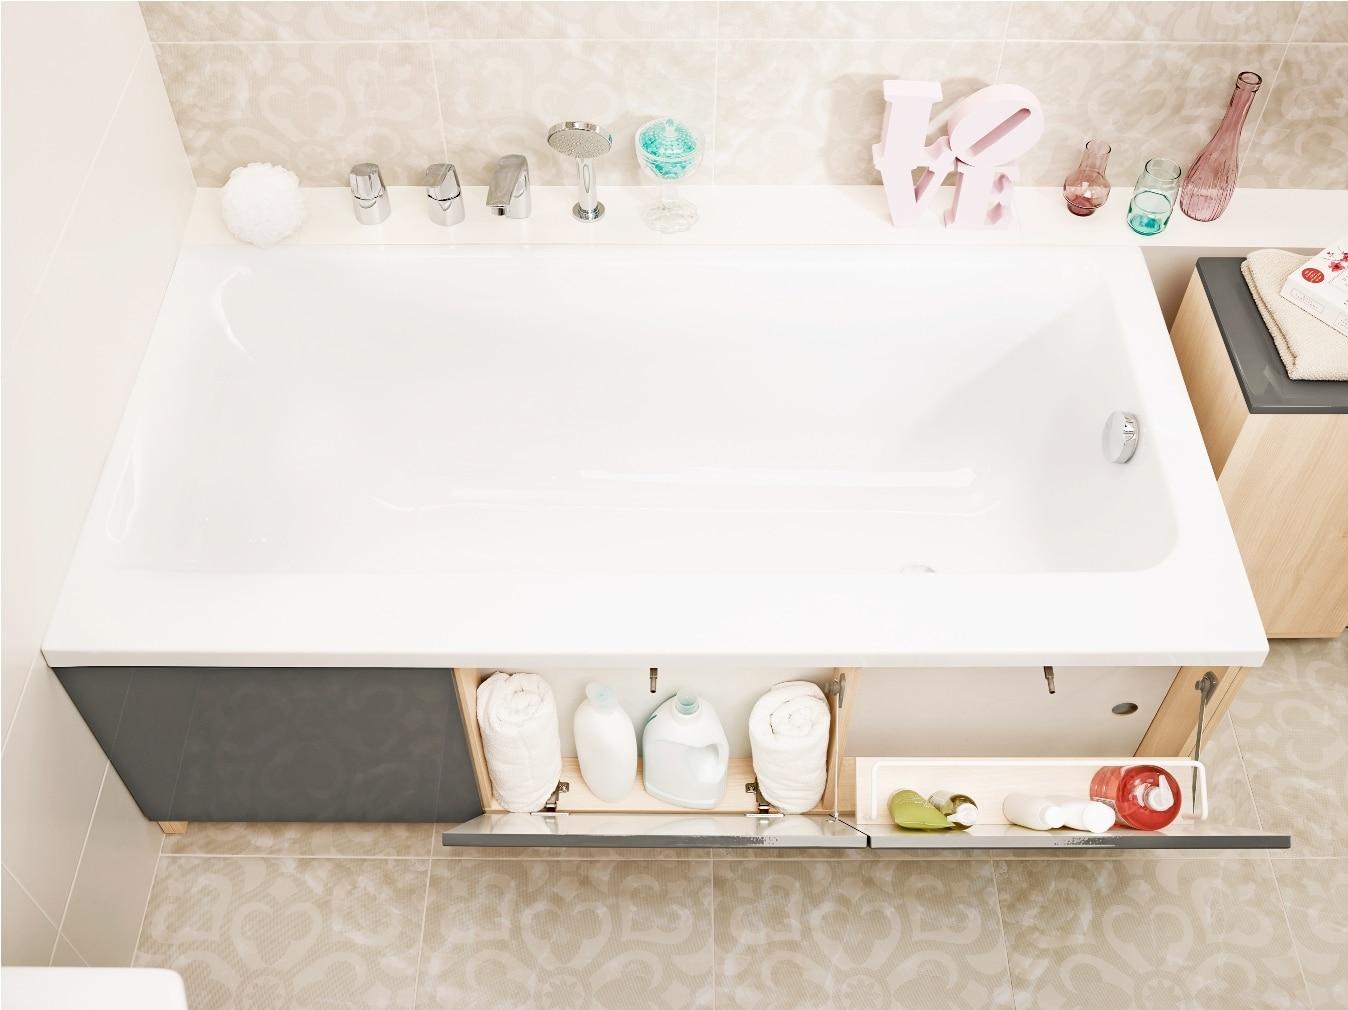 Cersanit Smart White schowki z uchylnymi drzwiczkami w obudowie wanny